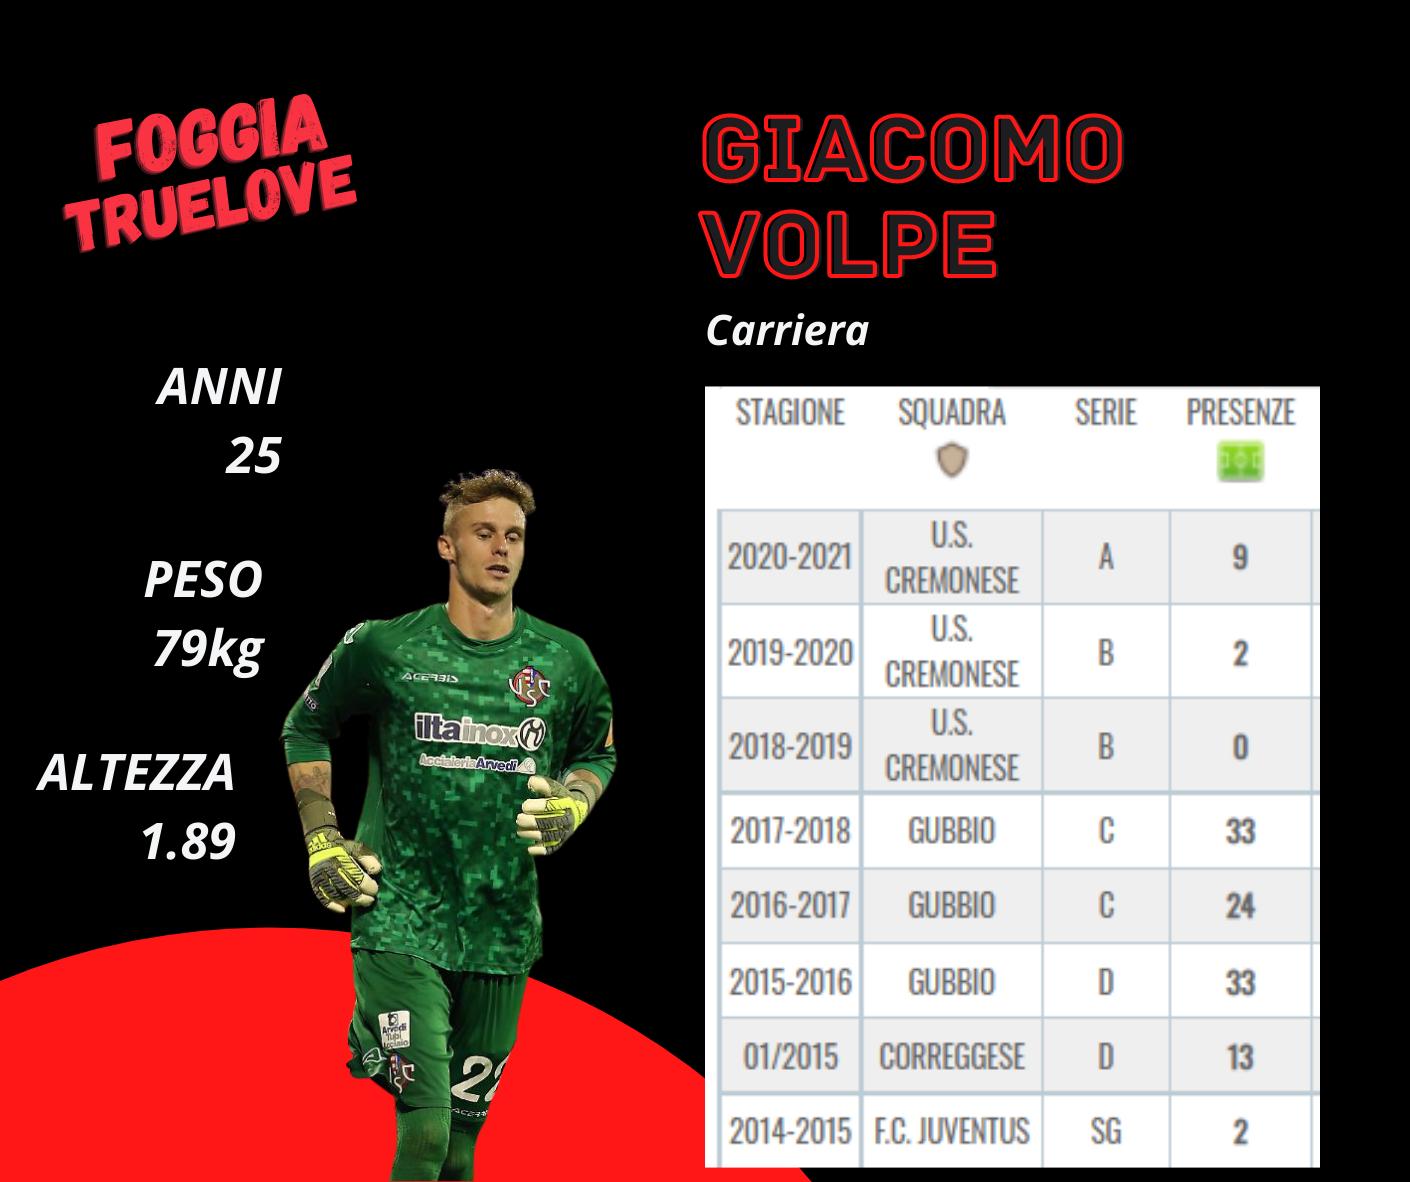 Foggia Calcio Colpo di Mercato Acquistato Giacomo Volpe Portiere ex Juventus